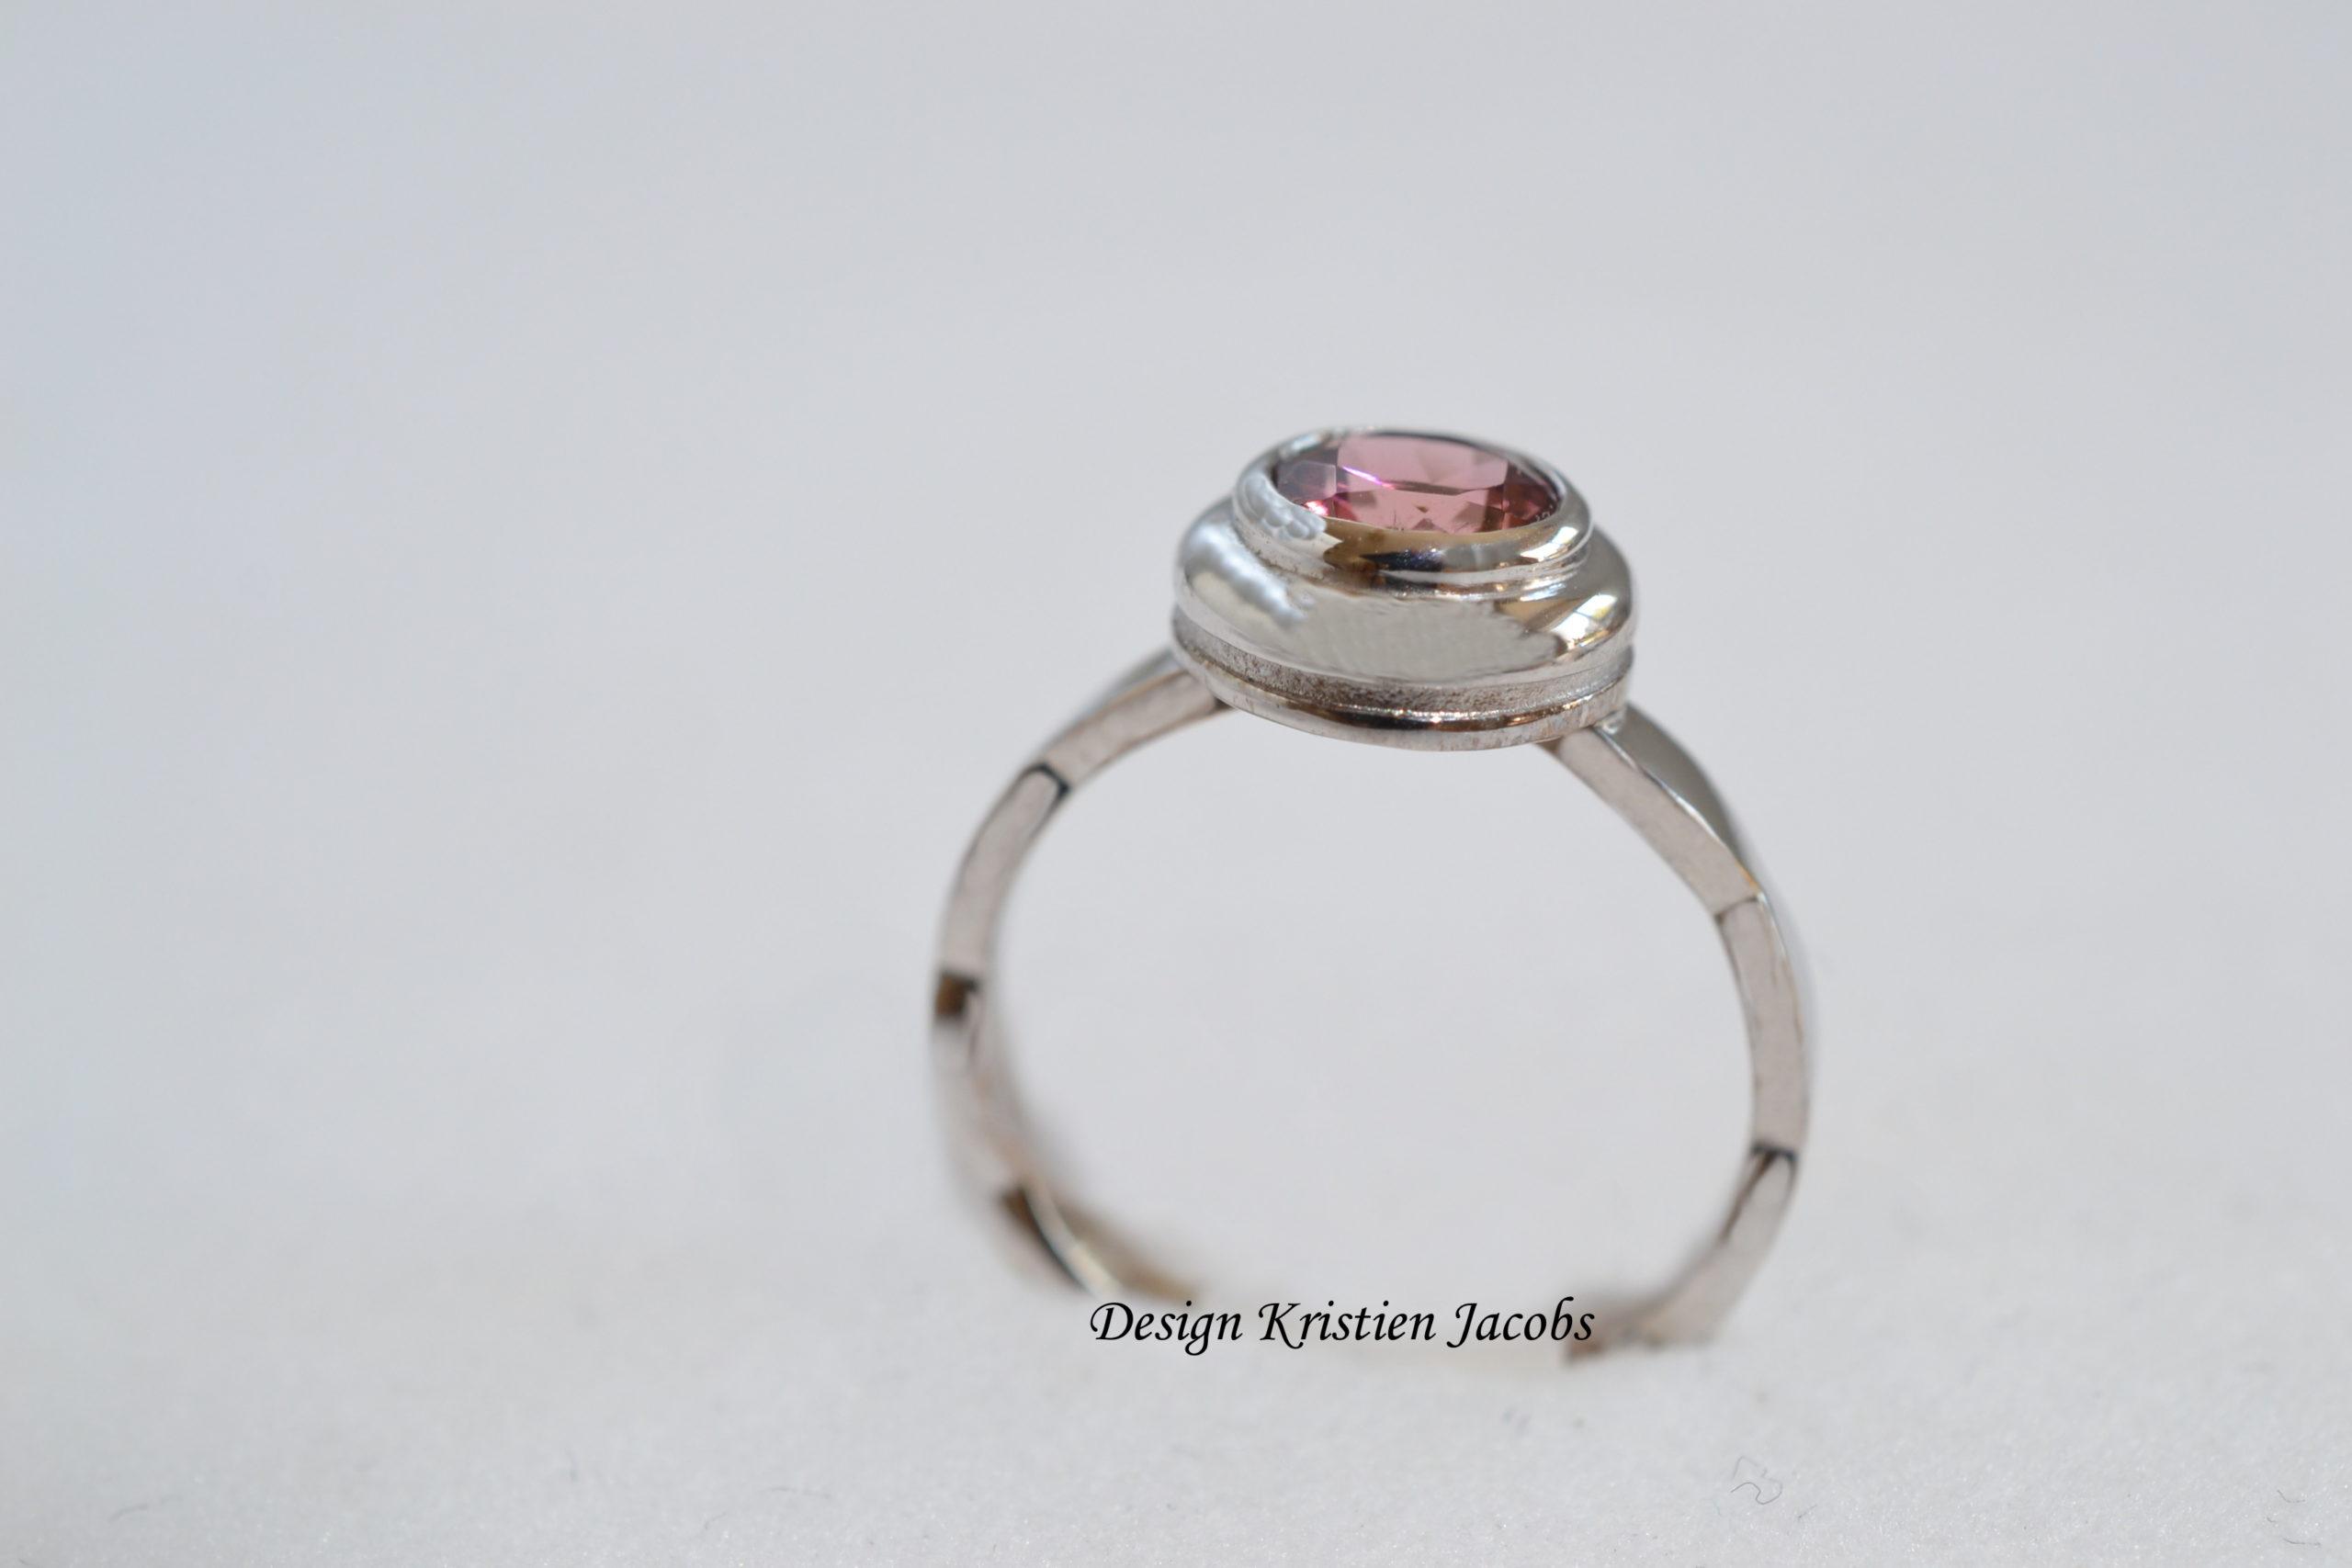 Ring wit goud 18 kt met roze saffier, handgemaakte ring met roze steen, eigen atelier te Mechelen, naar ontwerp Kristien Jacobs